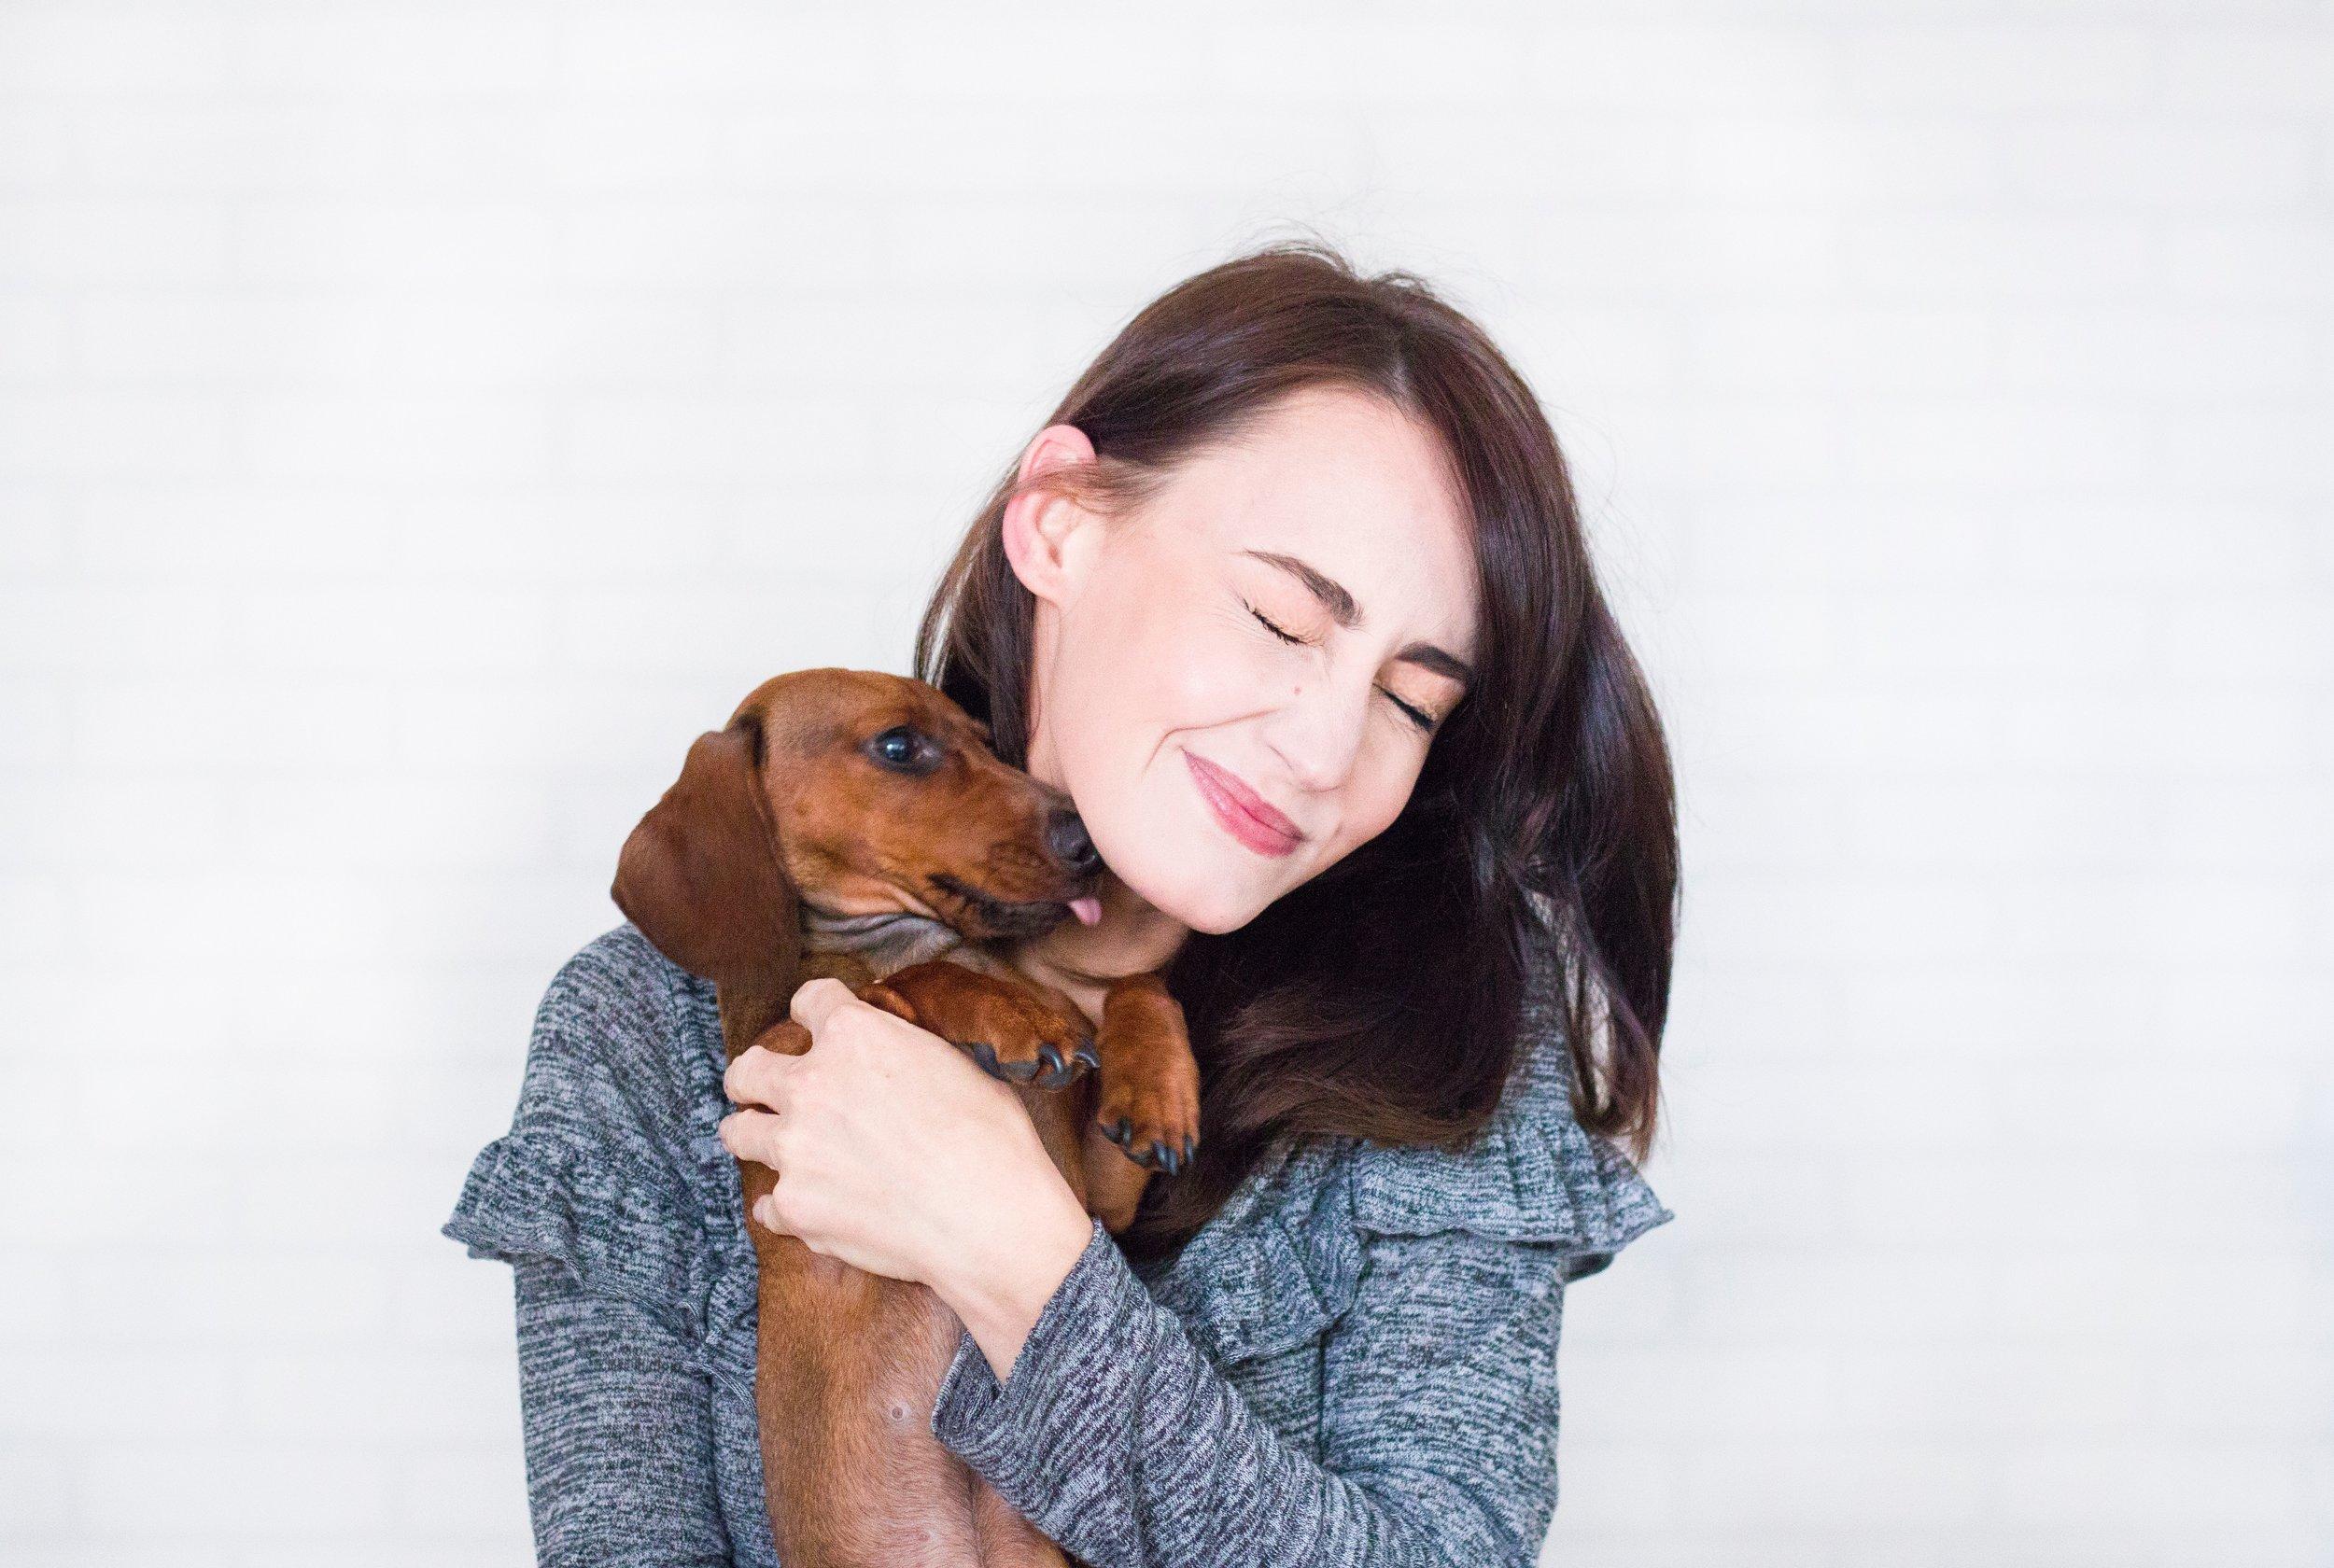 animal-brunette-canine-1139793.jpg